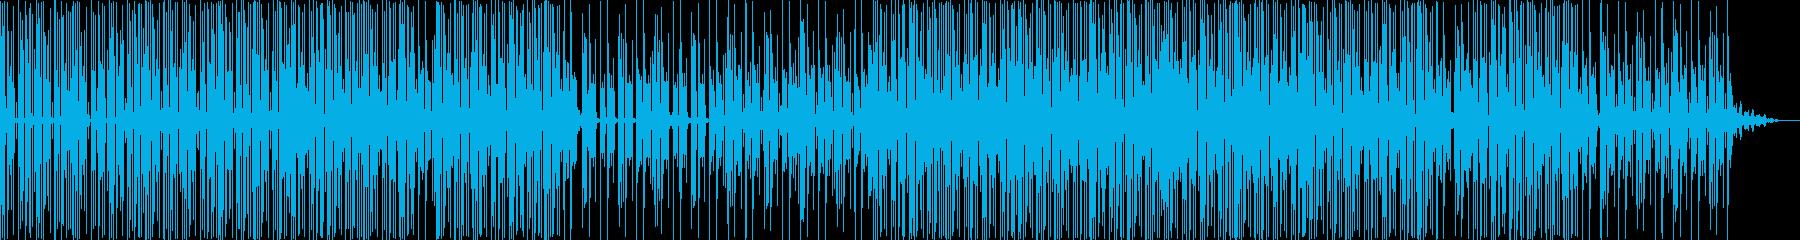 法人 技術的な 説明的 静か 楽し...の再生済みの波形